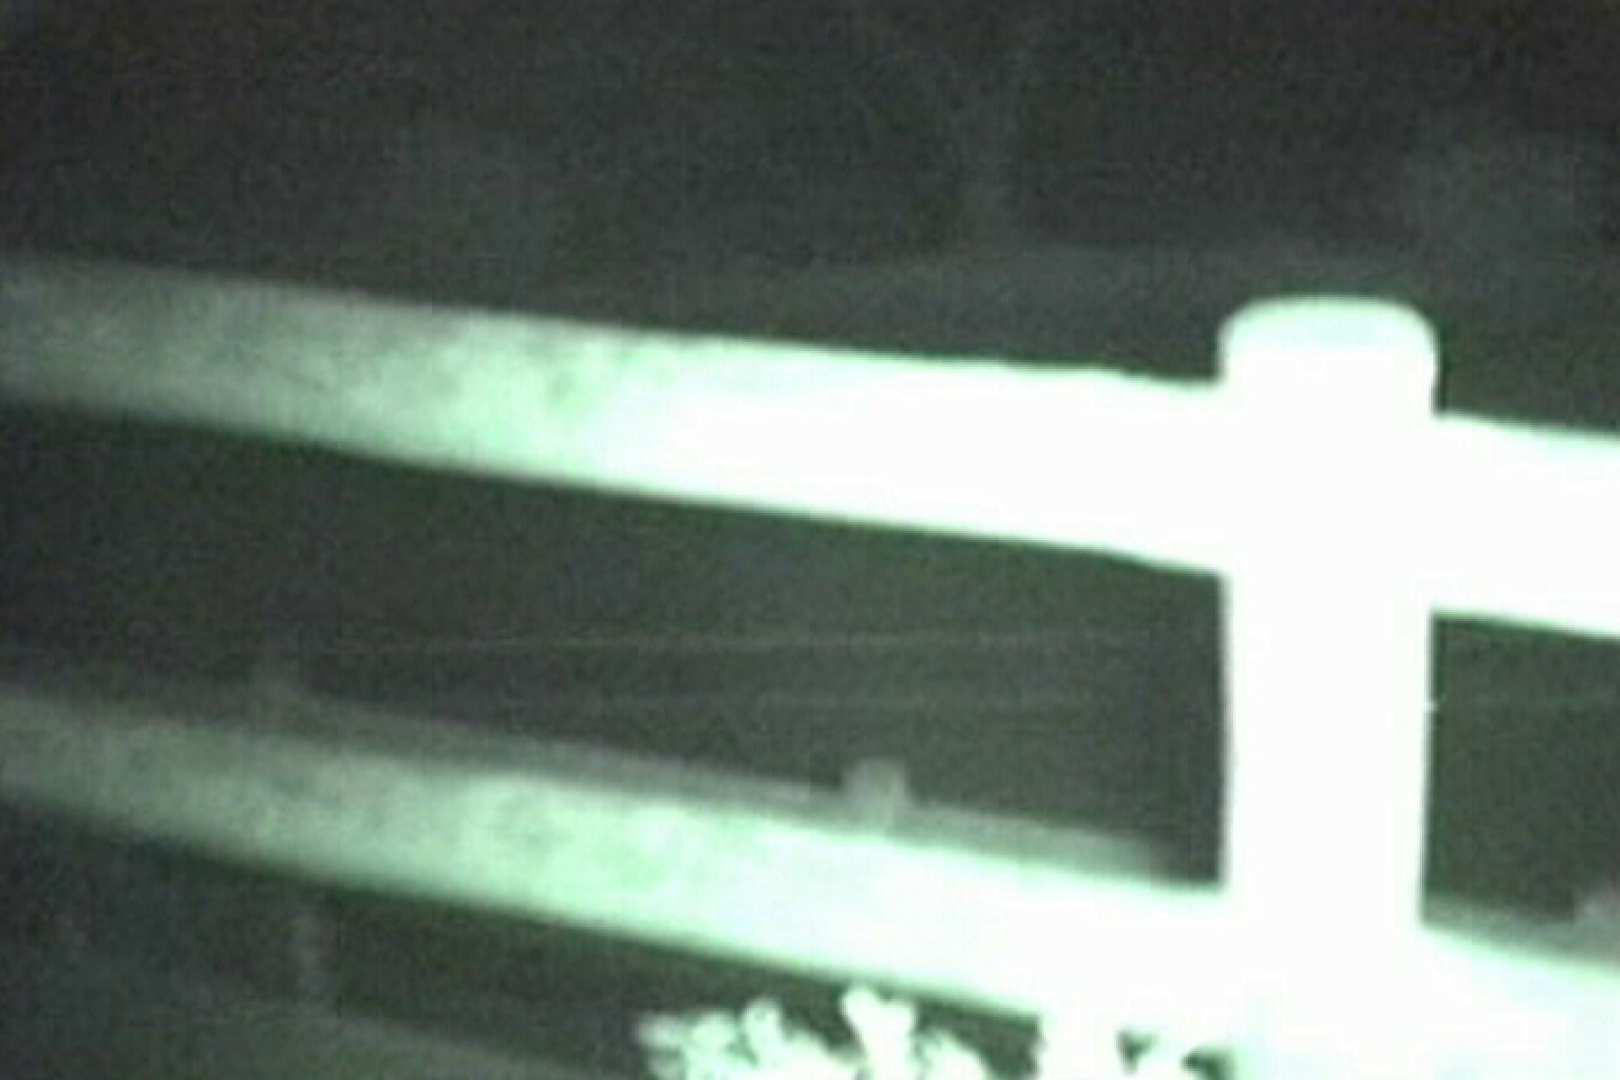 蔵出し!!赤外線カーセックスVol.22 赤外線 盗撮オマンコ無修正動画無料 83PICs 76